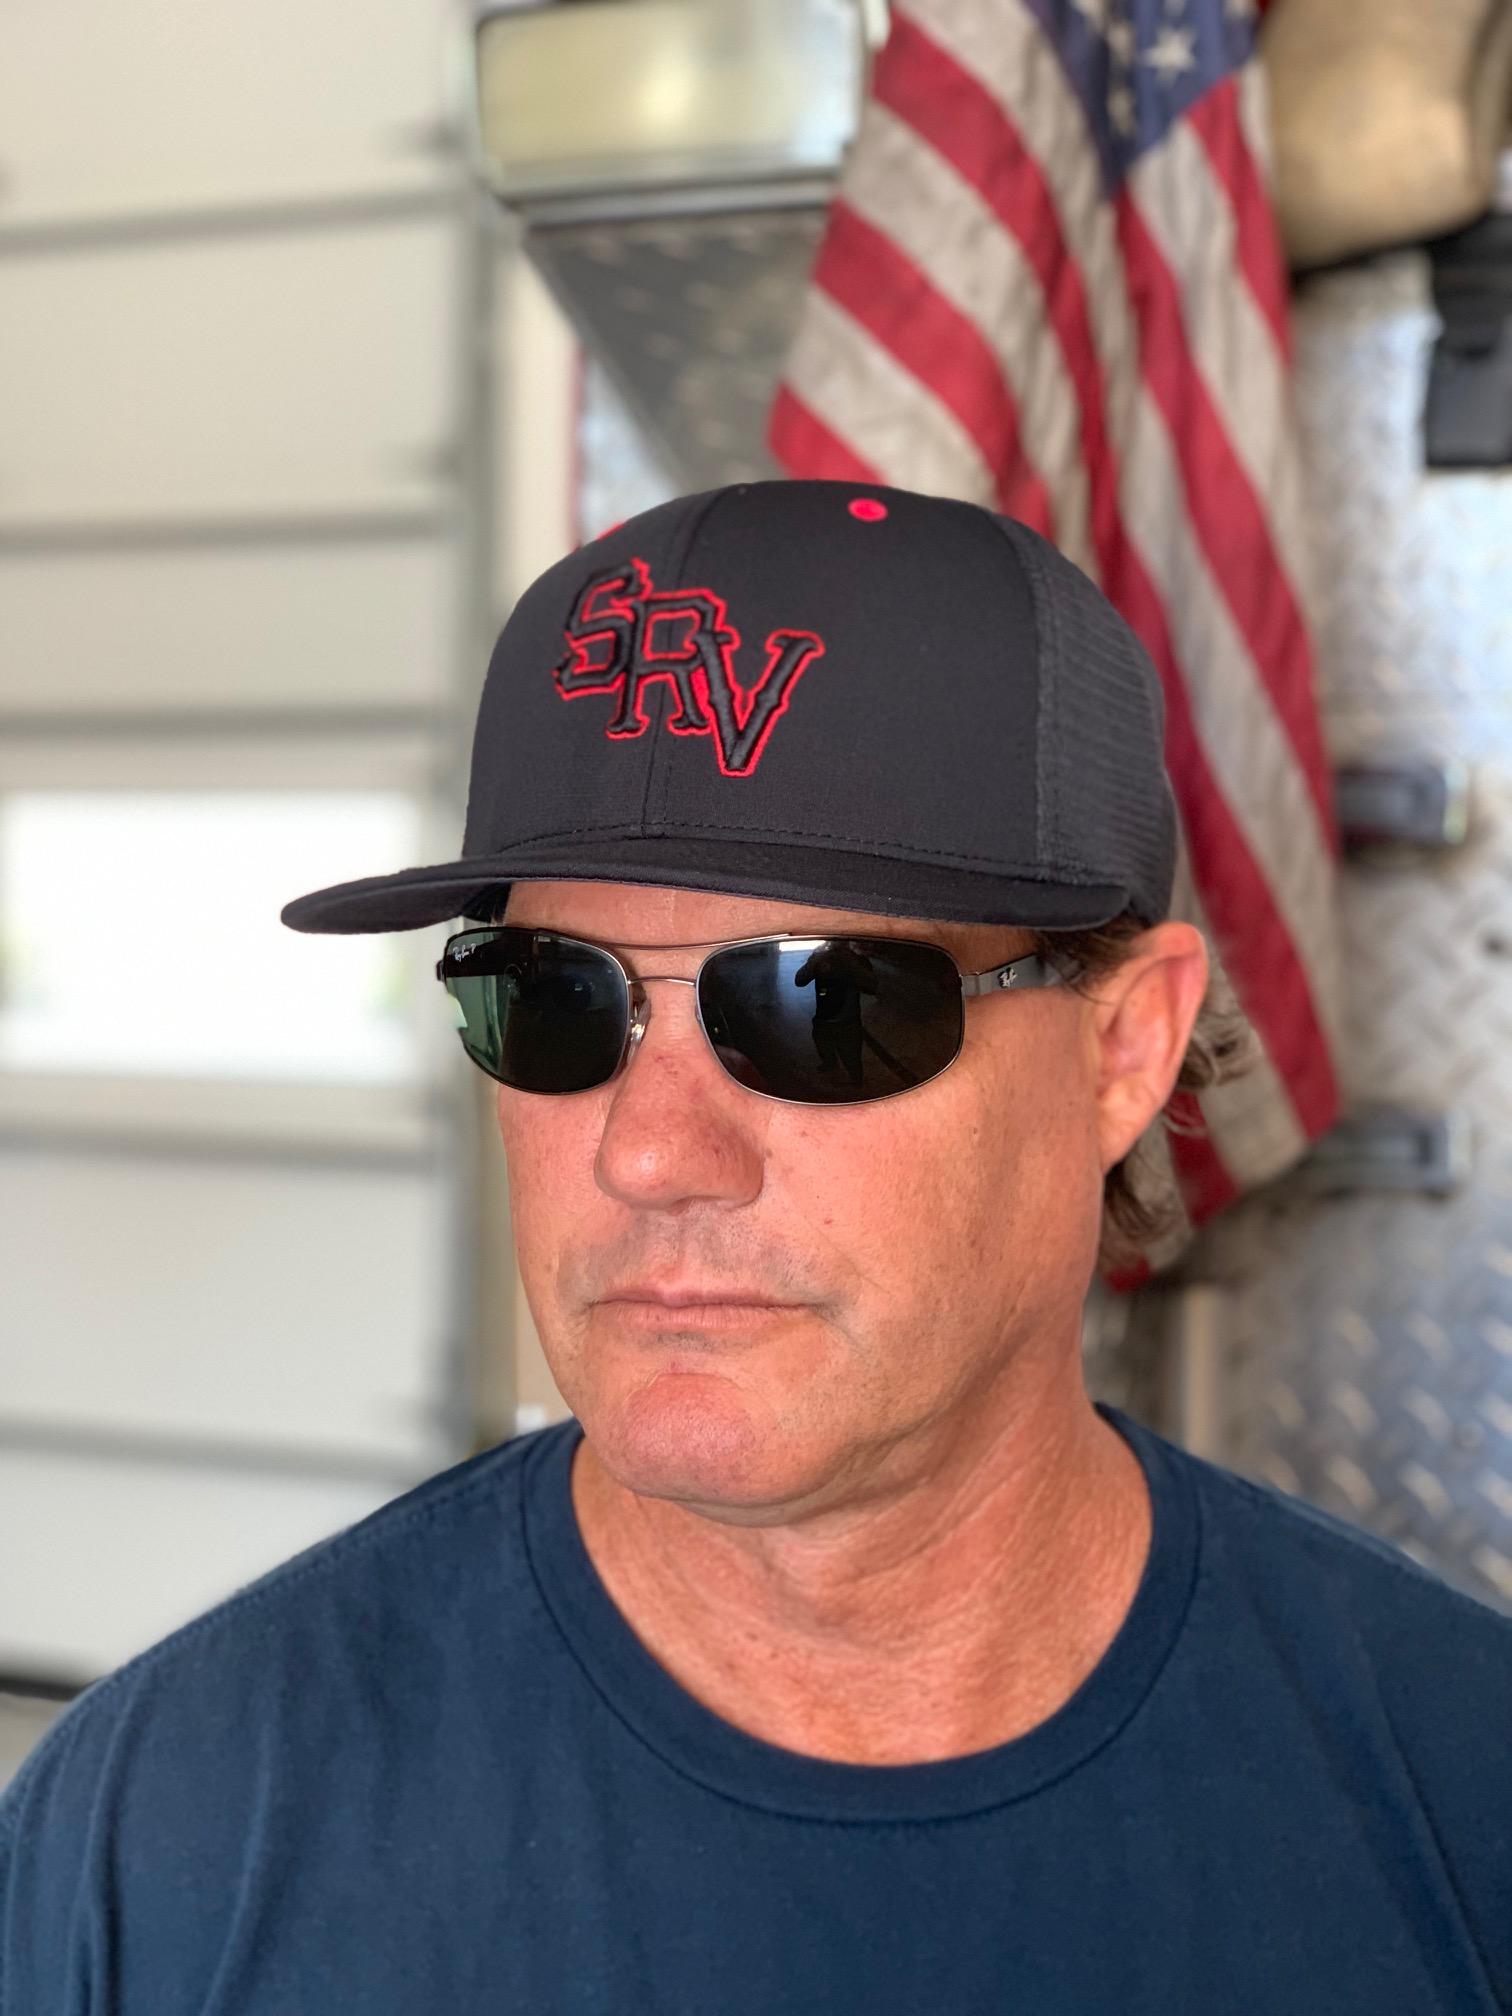 Blk-Hat-Front